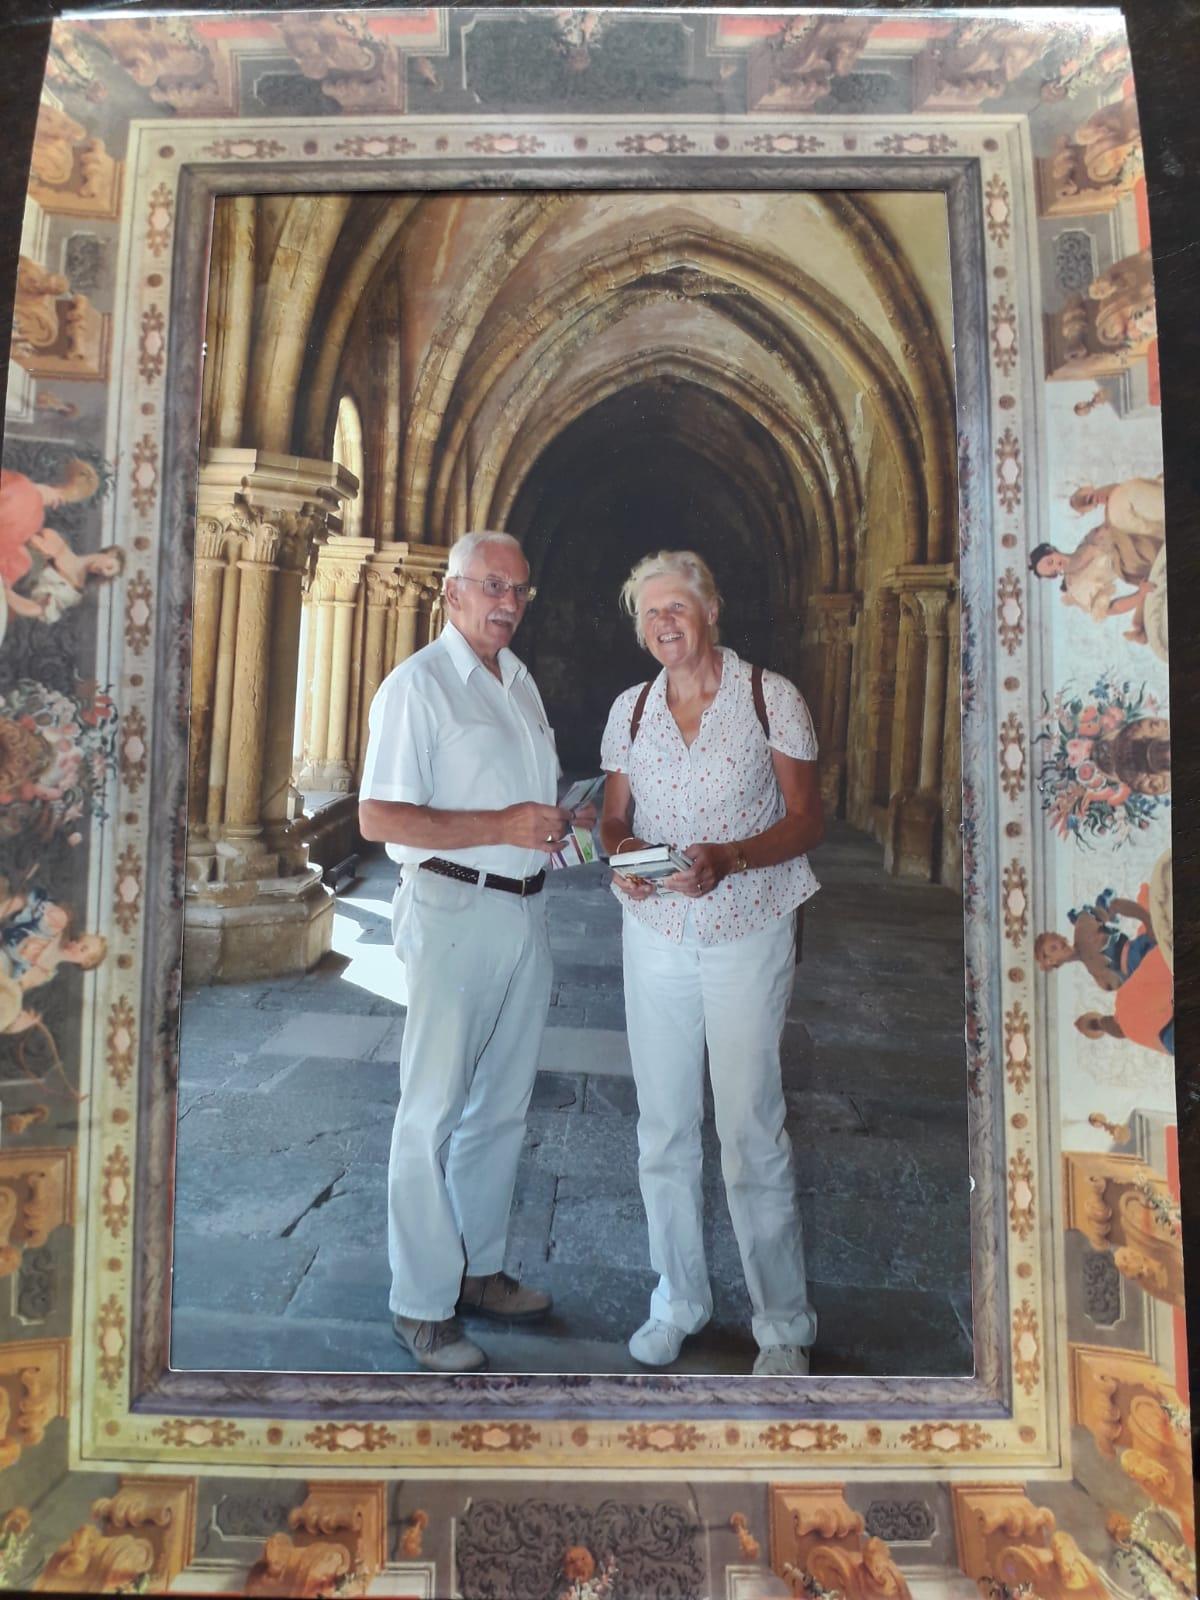 Op de foto in de Kathedraal van Coimbra - Reisverhaal Kino Jansonius